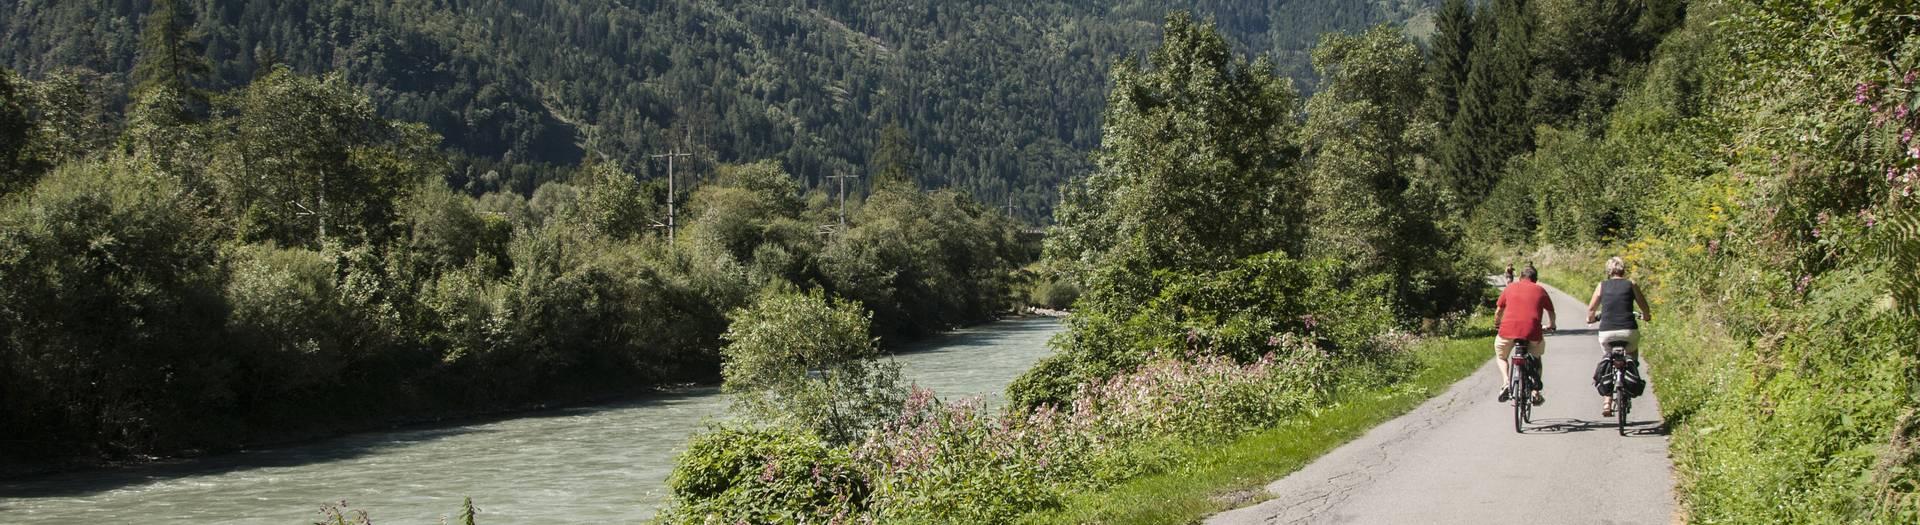 Sachsenburg in der Nationalpark-Region Hohe Tauern